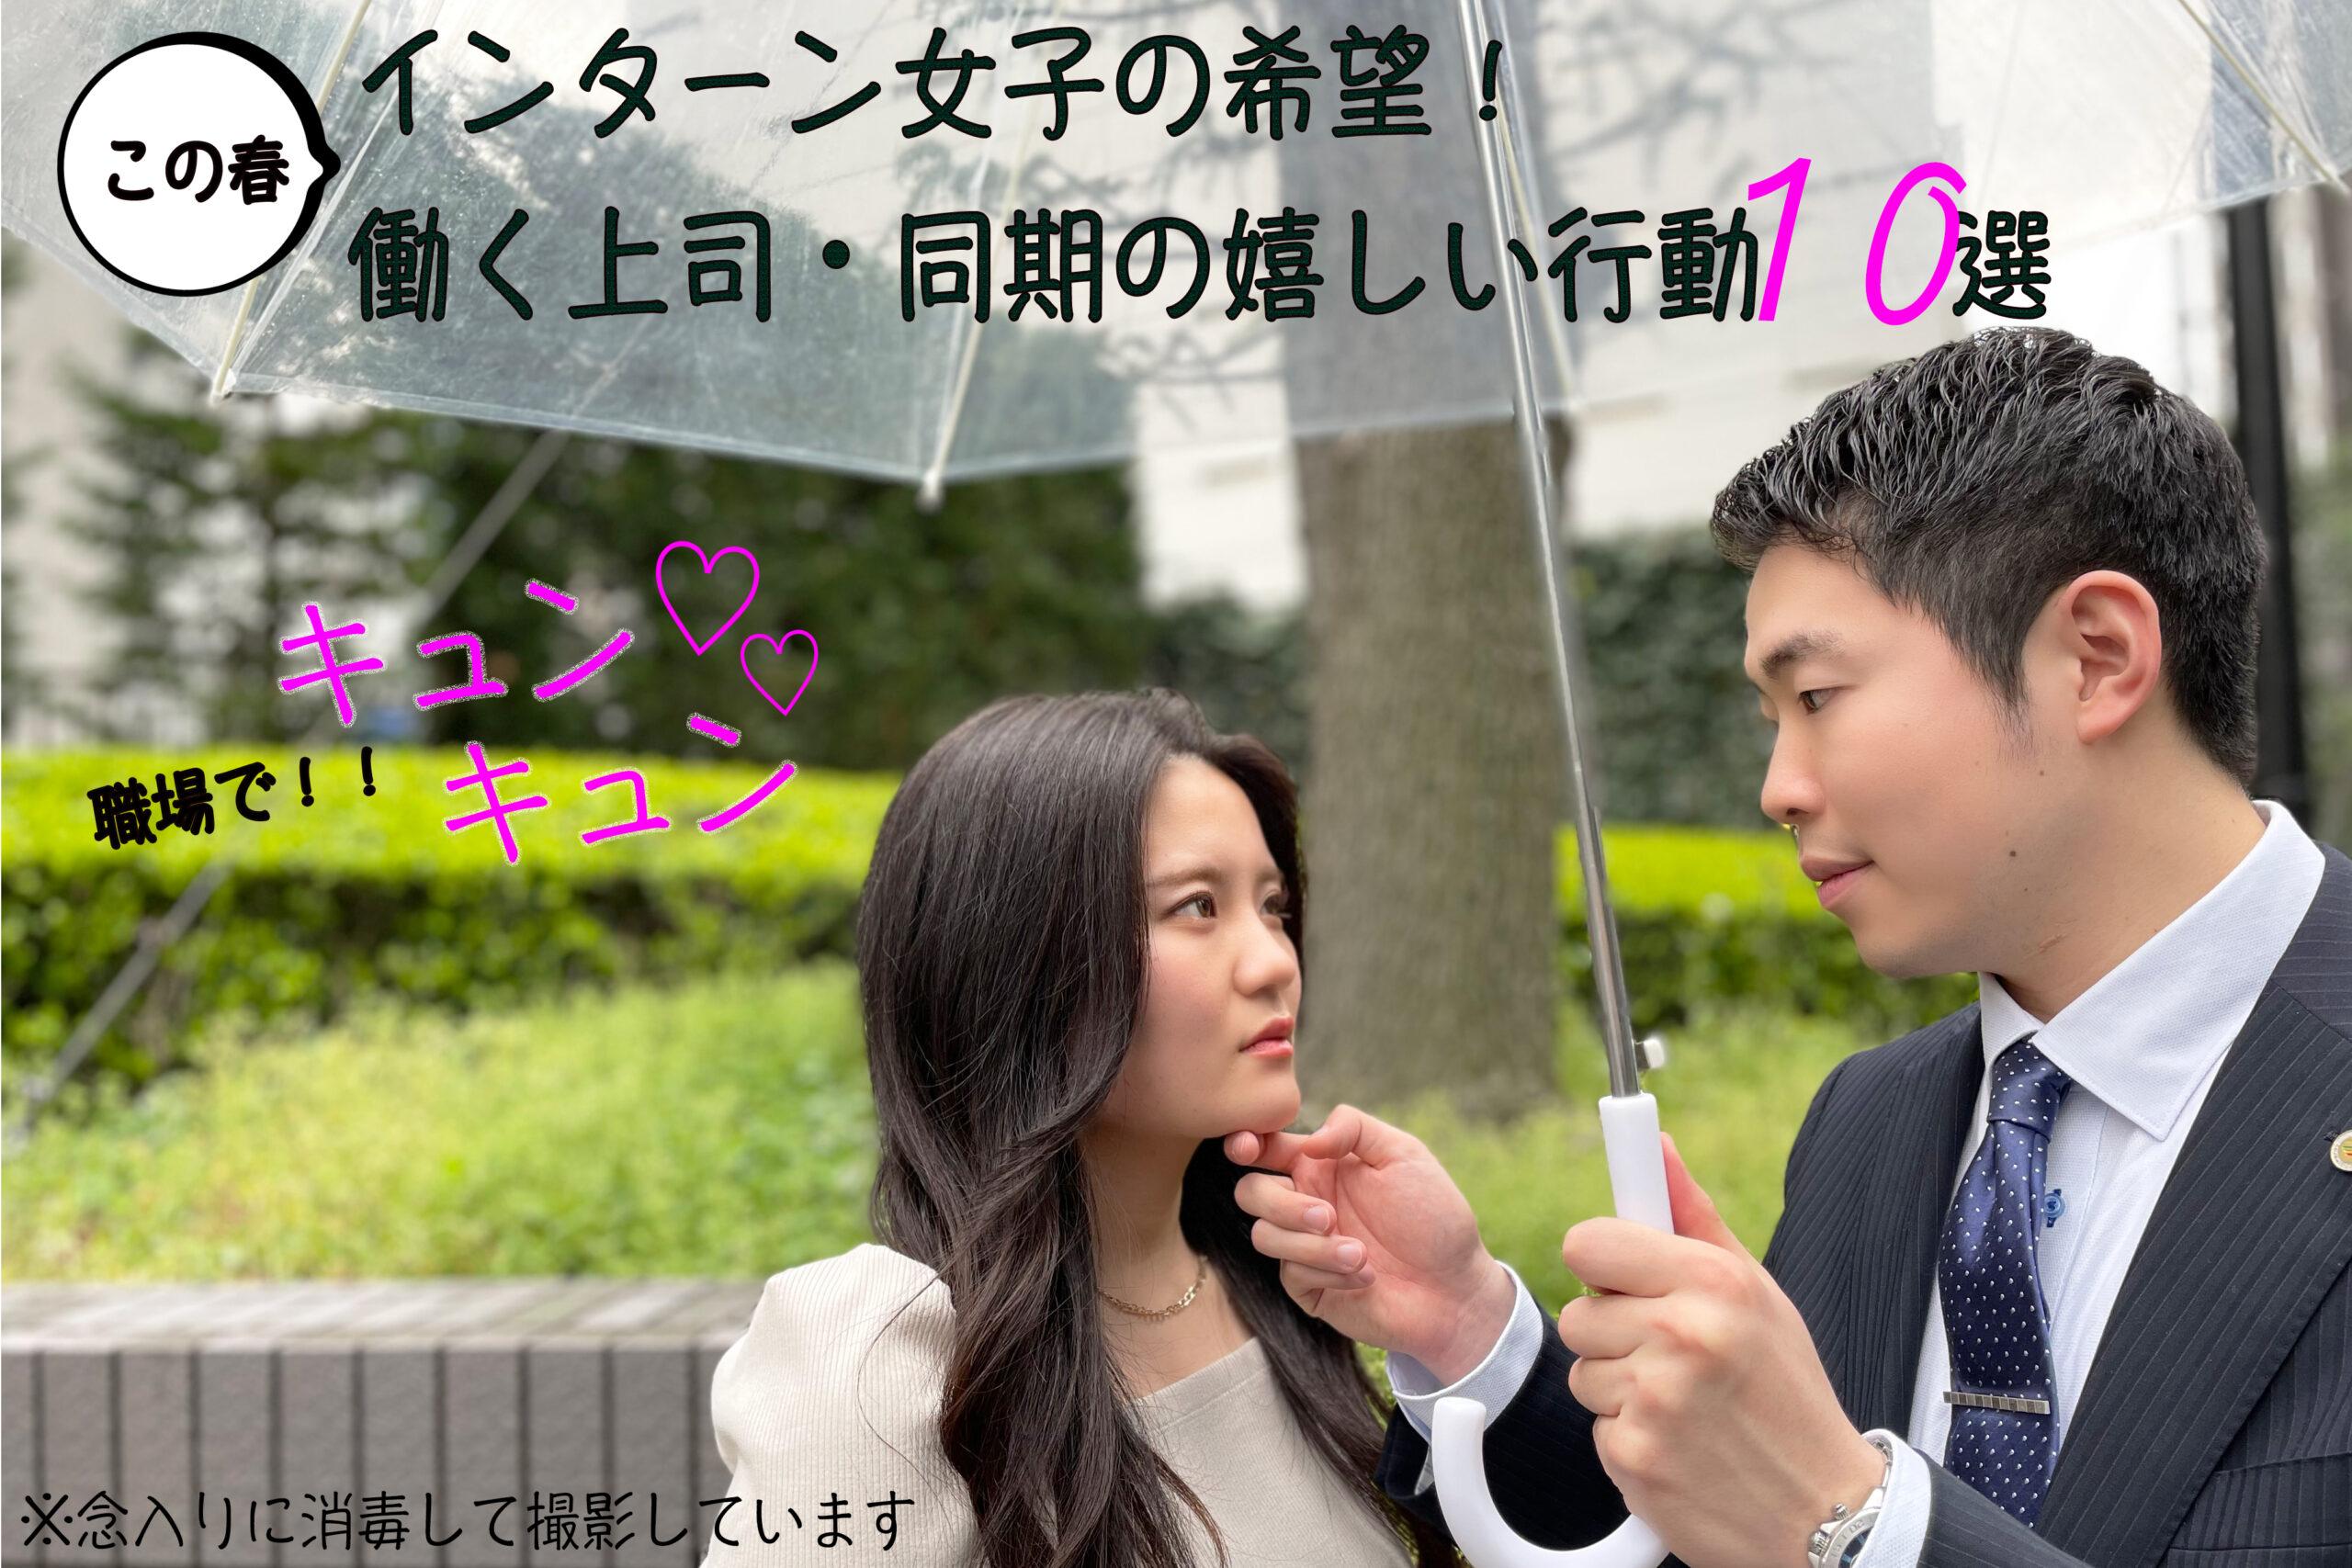 【職場でキュンキュン】インターン女子の希望! 働く上司の嬉しい行動10選!